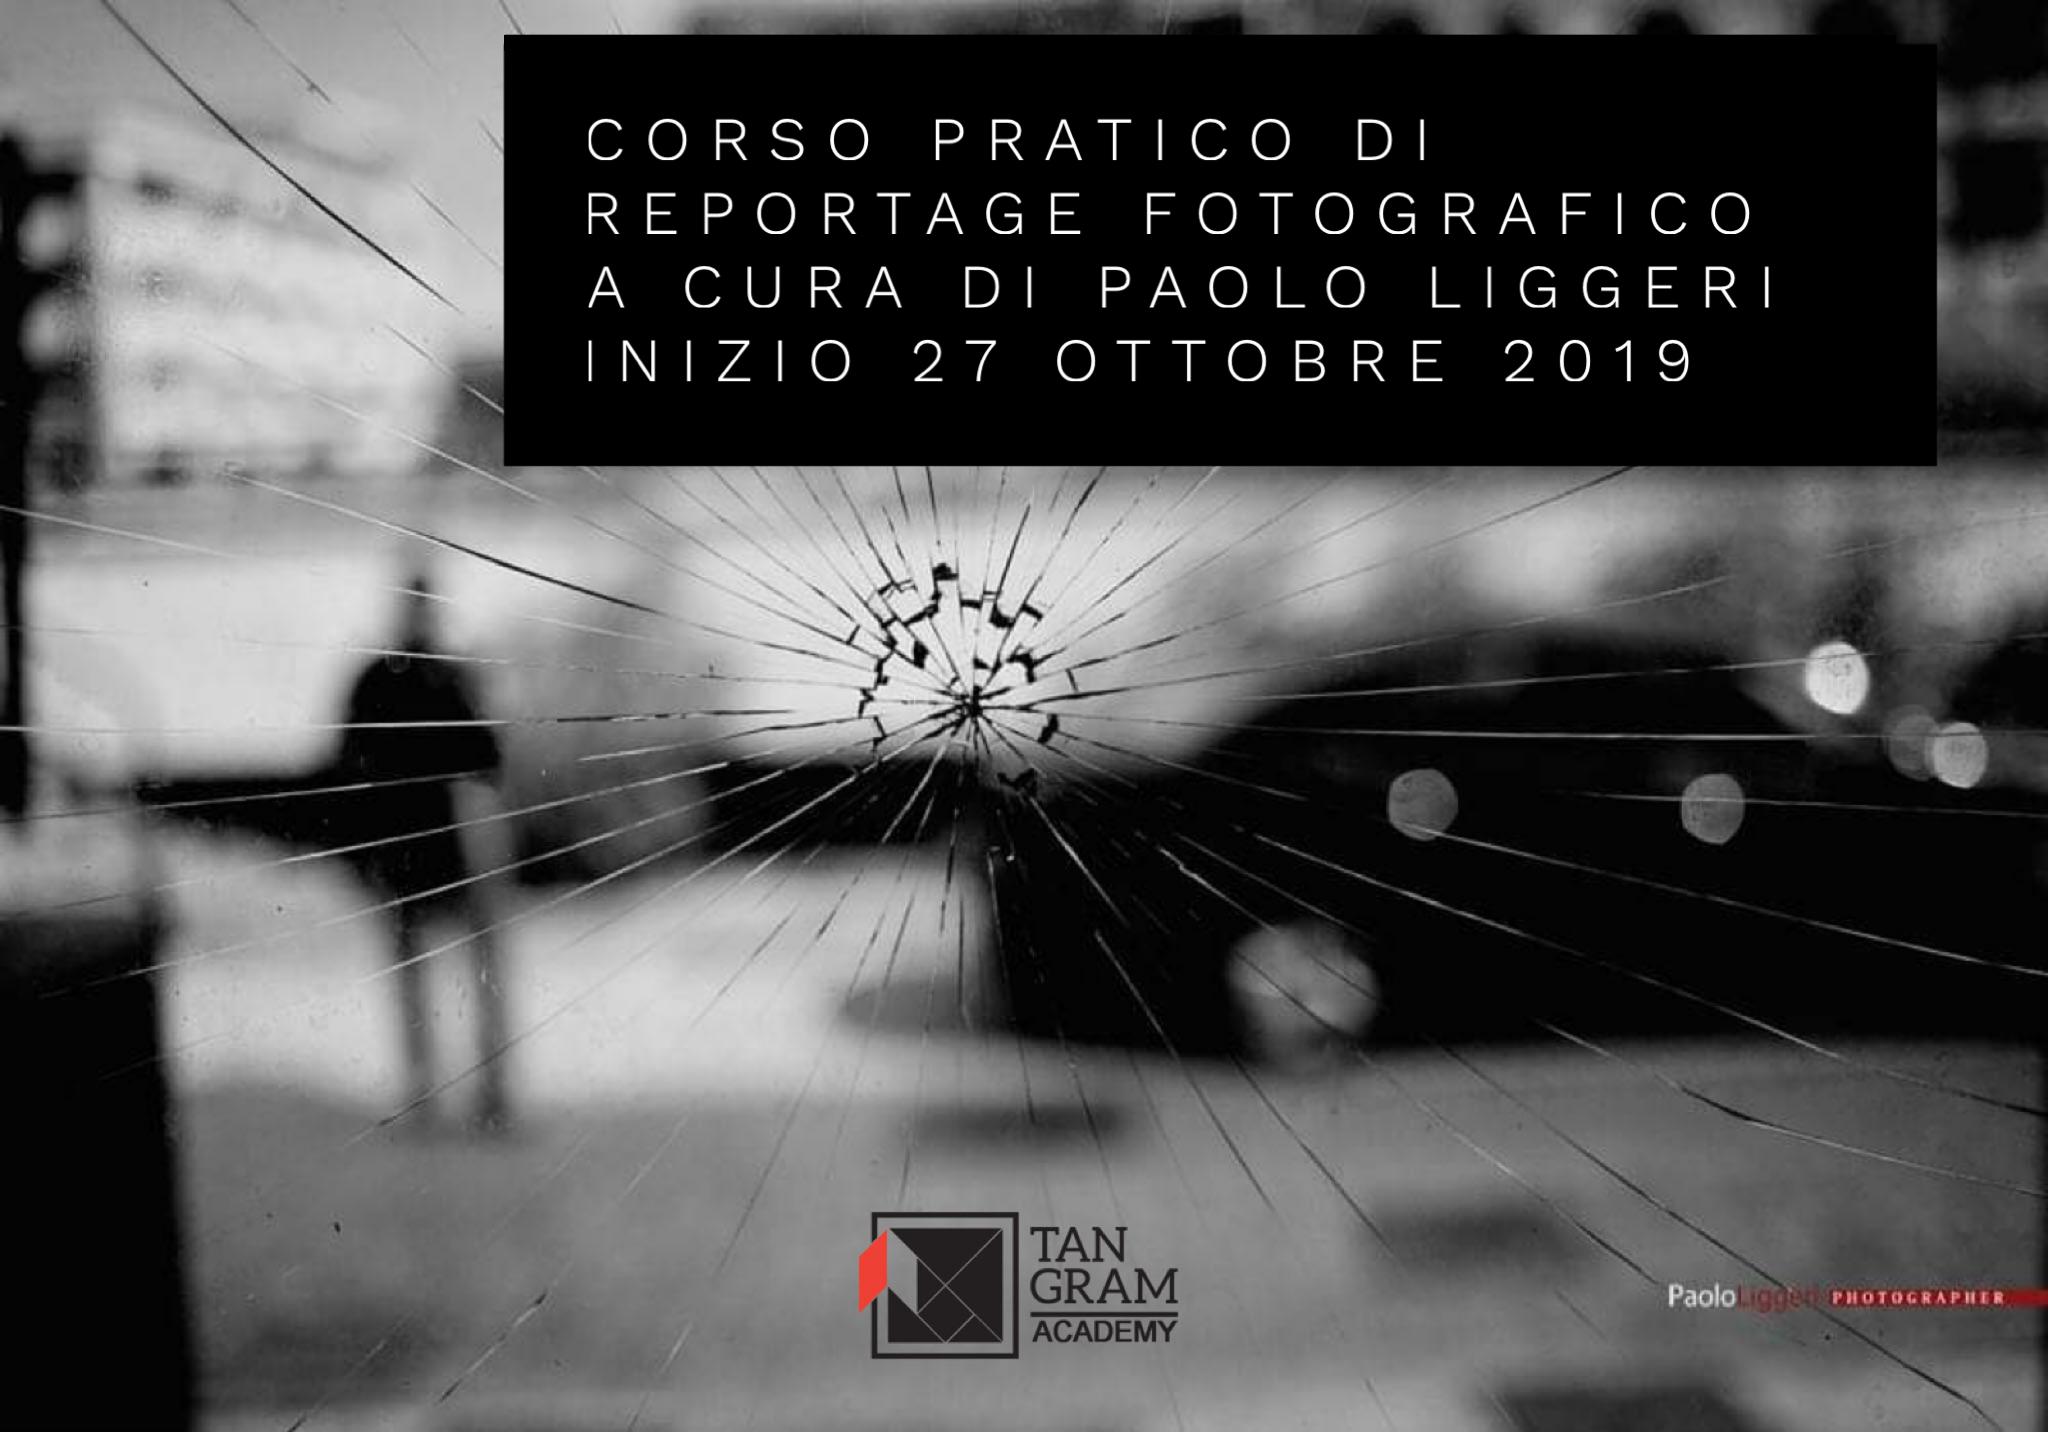 corso pratico di reportage fotografico | a cura di Paolo Ligger